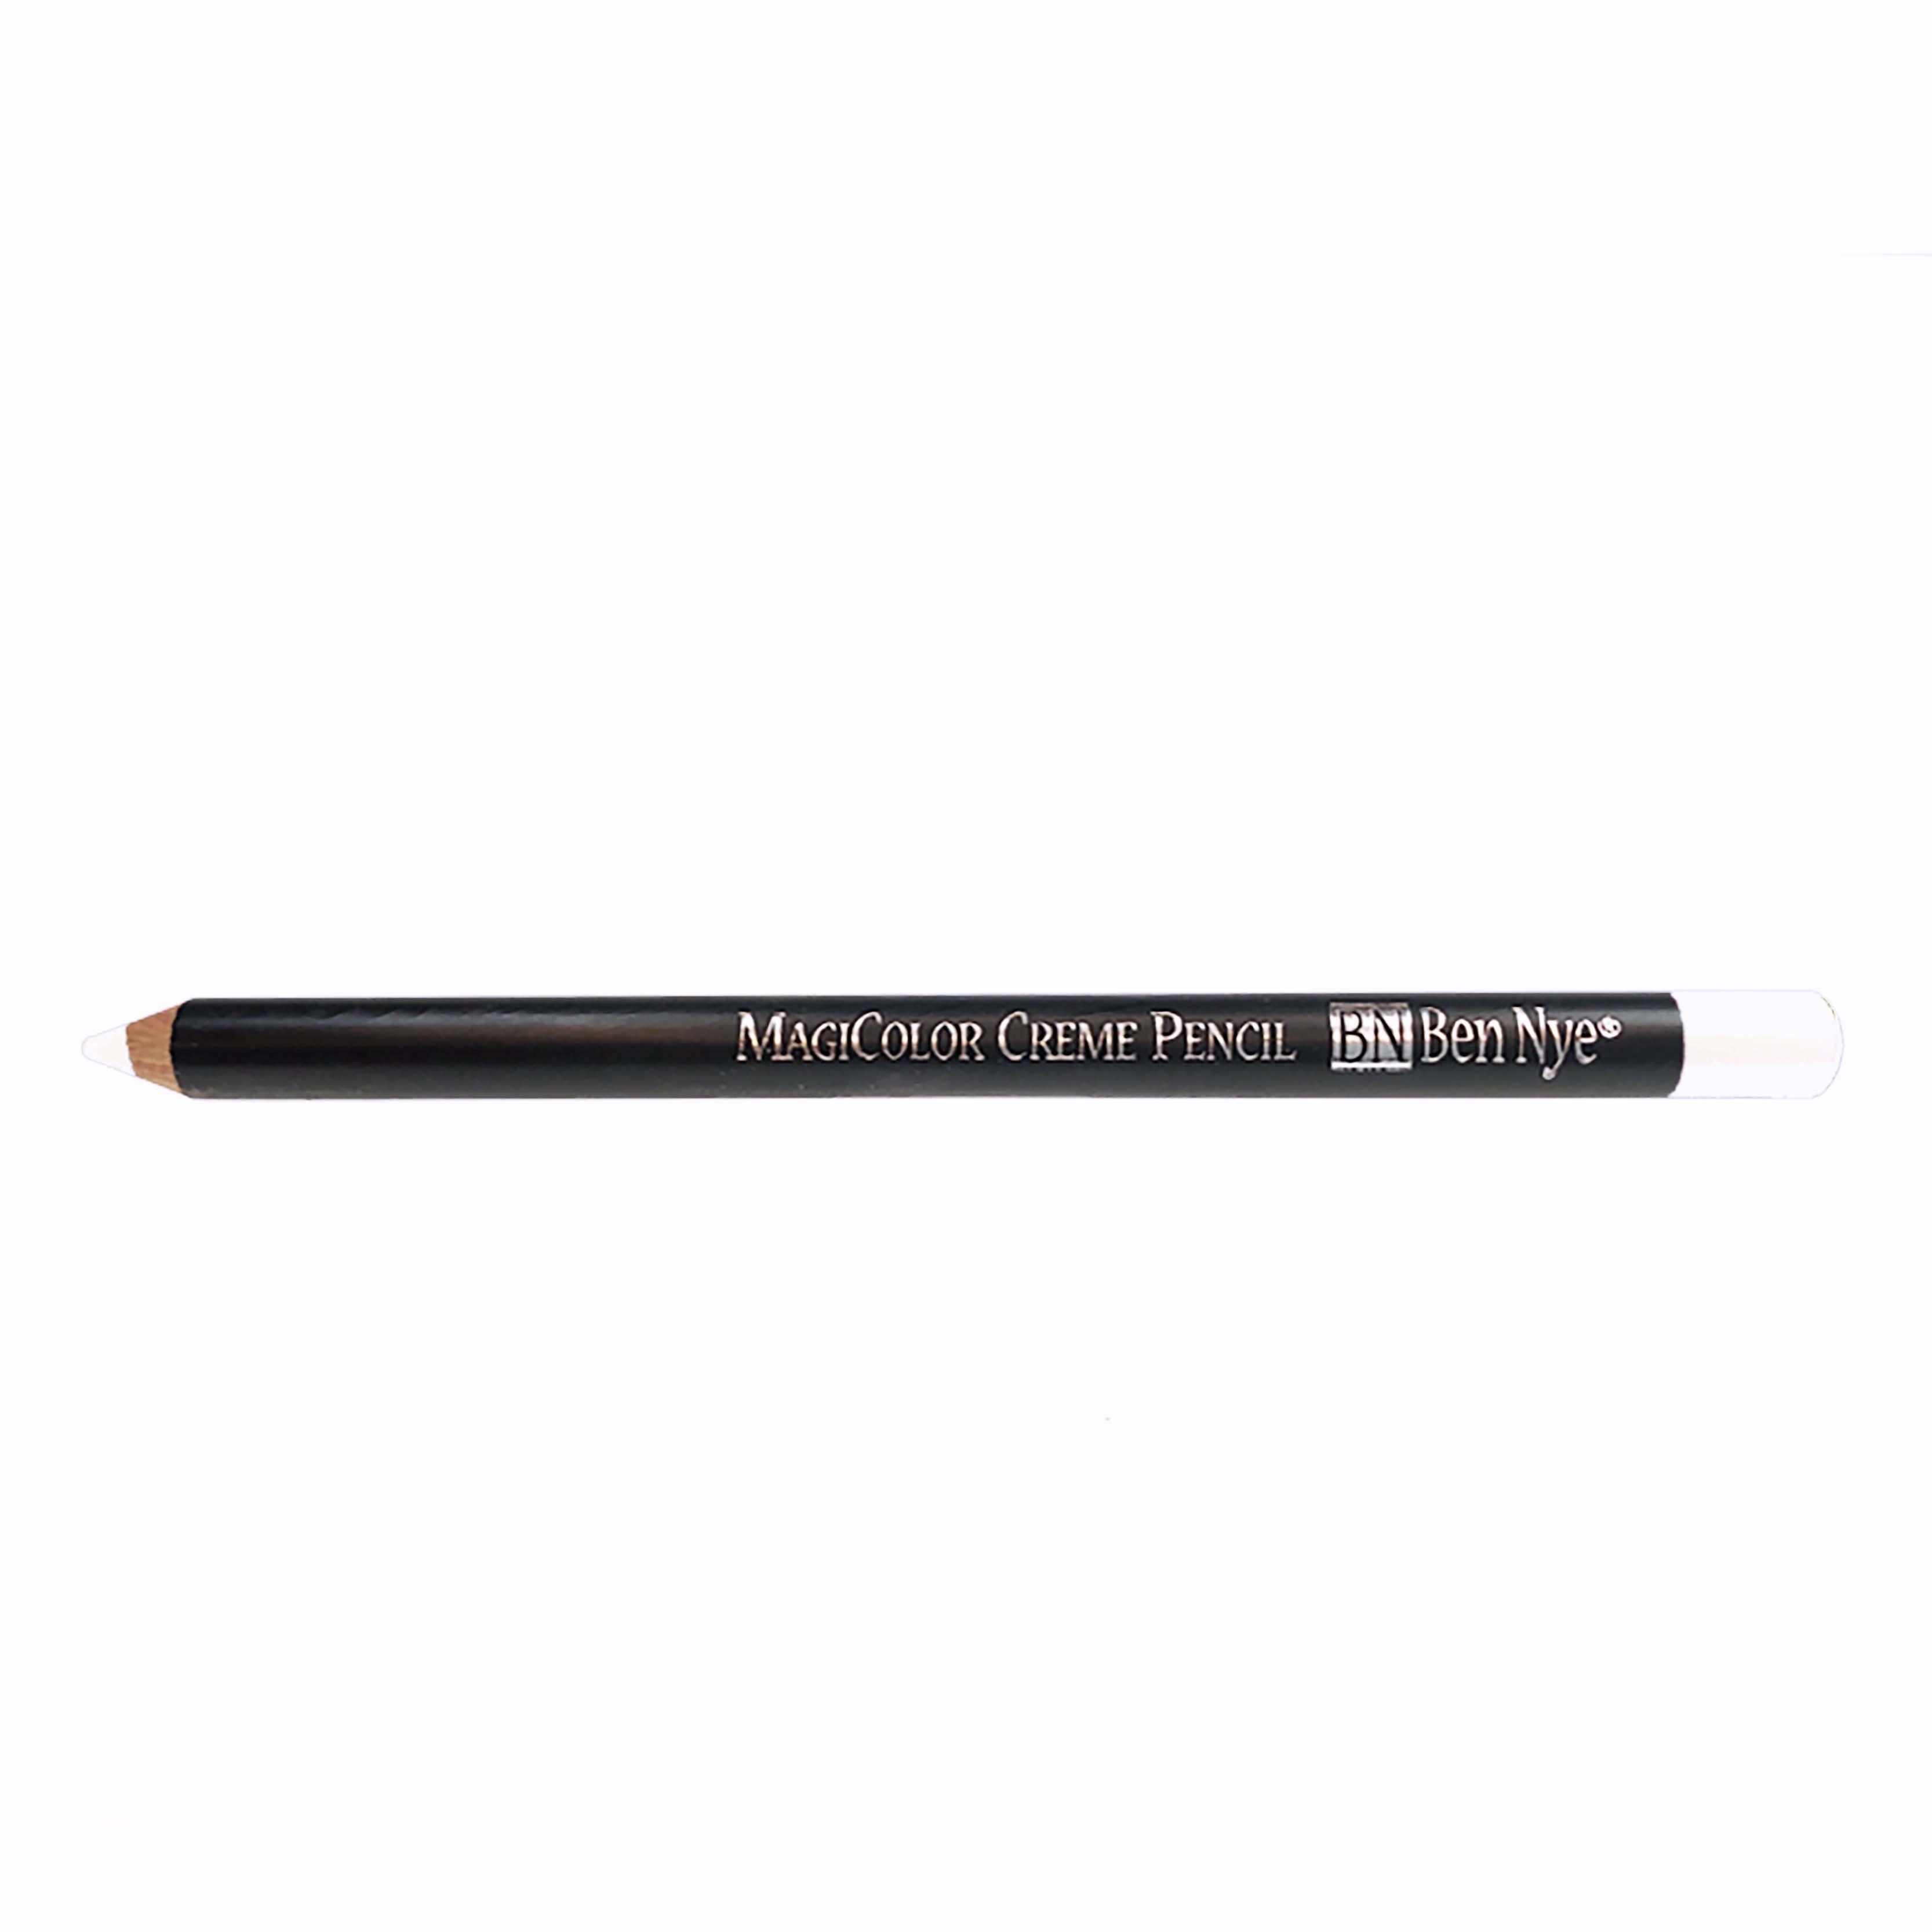 Magicolor Creme Pencils - White